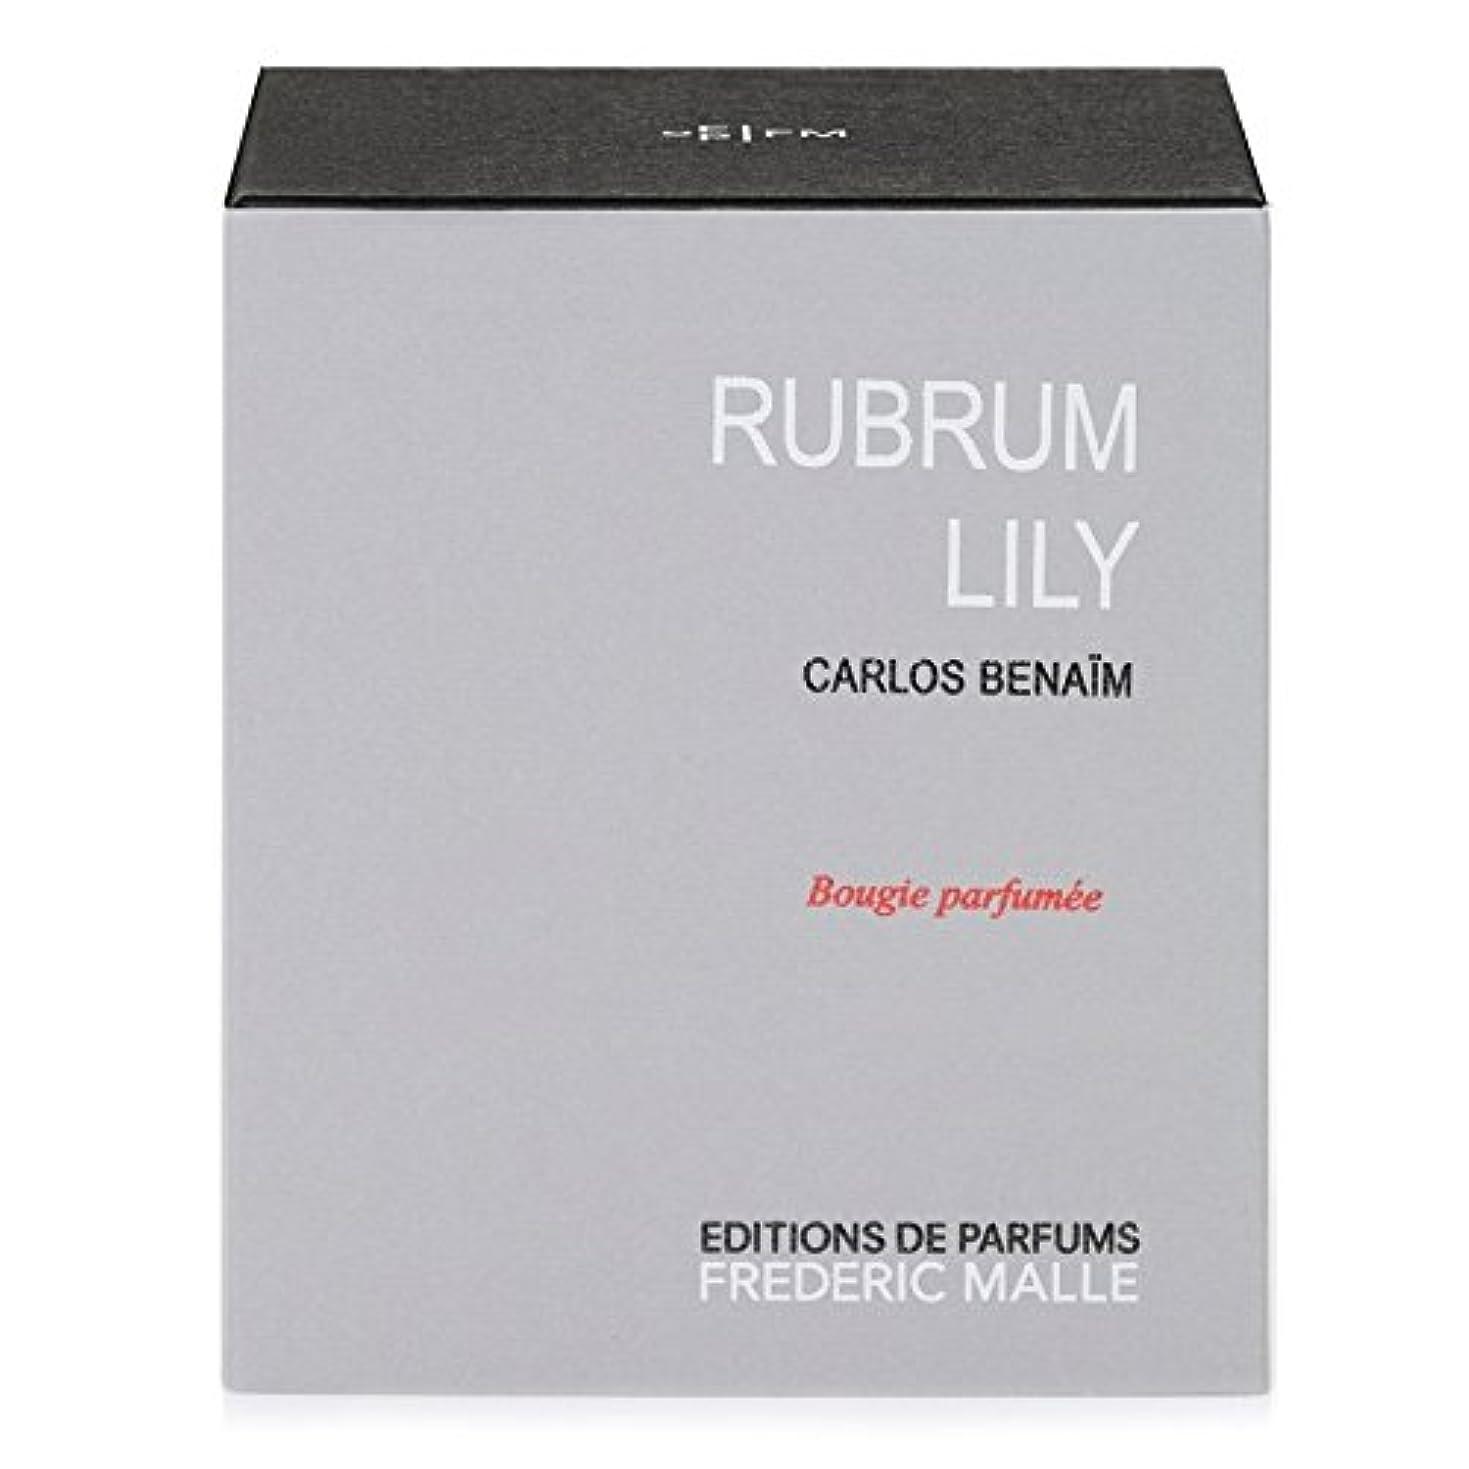 レオナルドダシャンプーランチョンFrederic Malle Rubrum Lily Scented Candle (Pack of 4) - フレデリック?マルルブルムユリの香りのキャンドル x4 [並行輸入品]